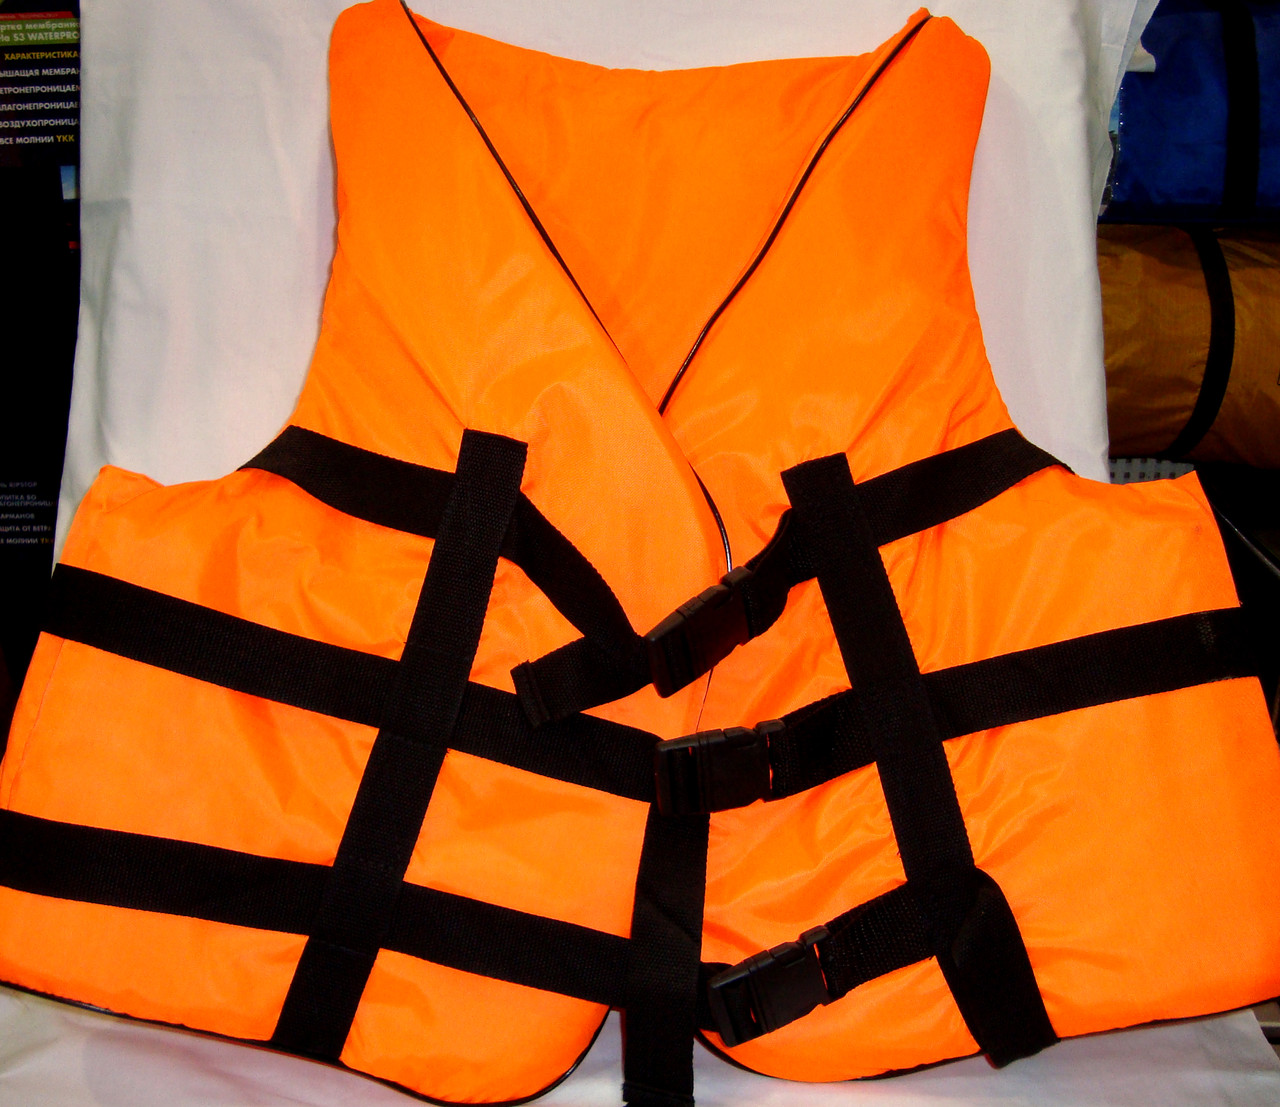 Спасательный жилет водный 10-30 кг оранжевый